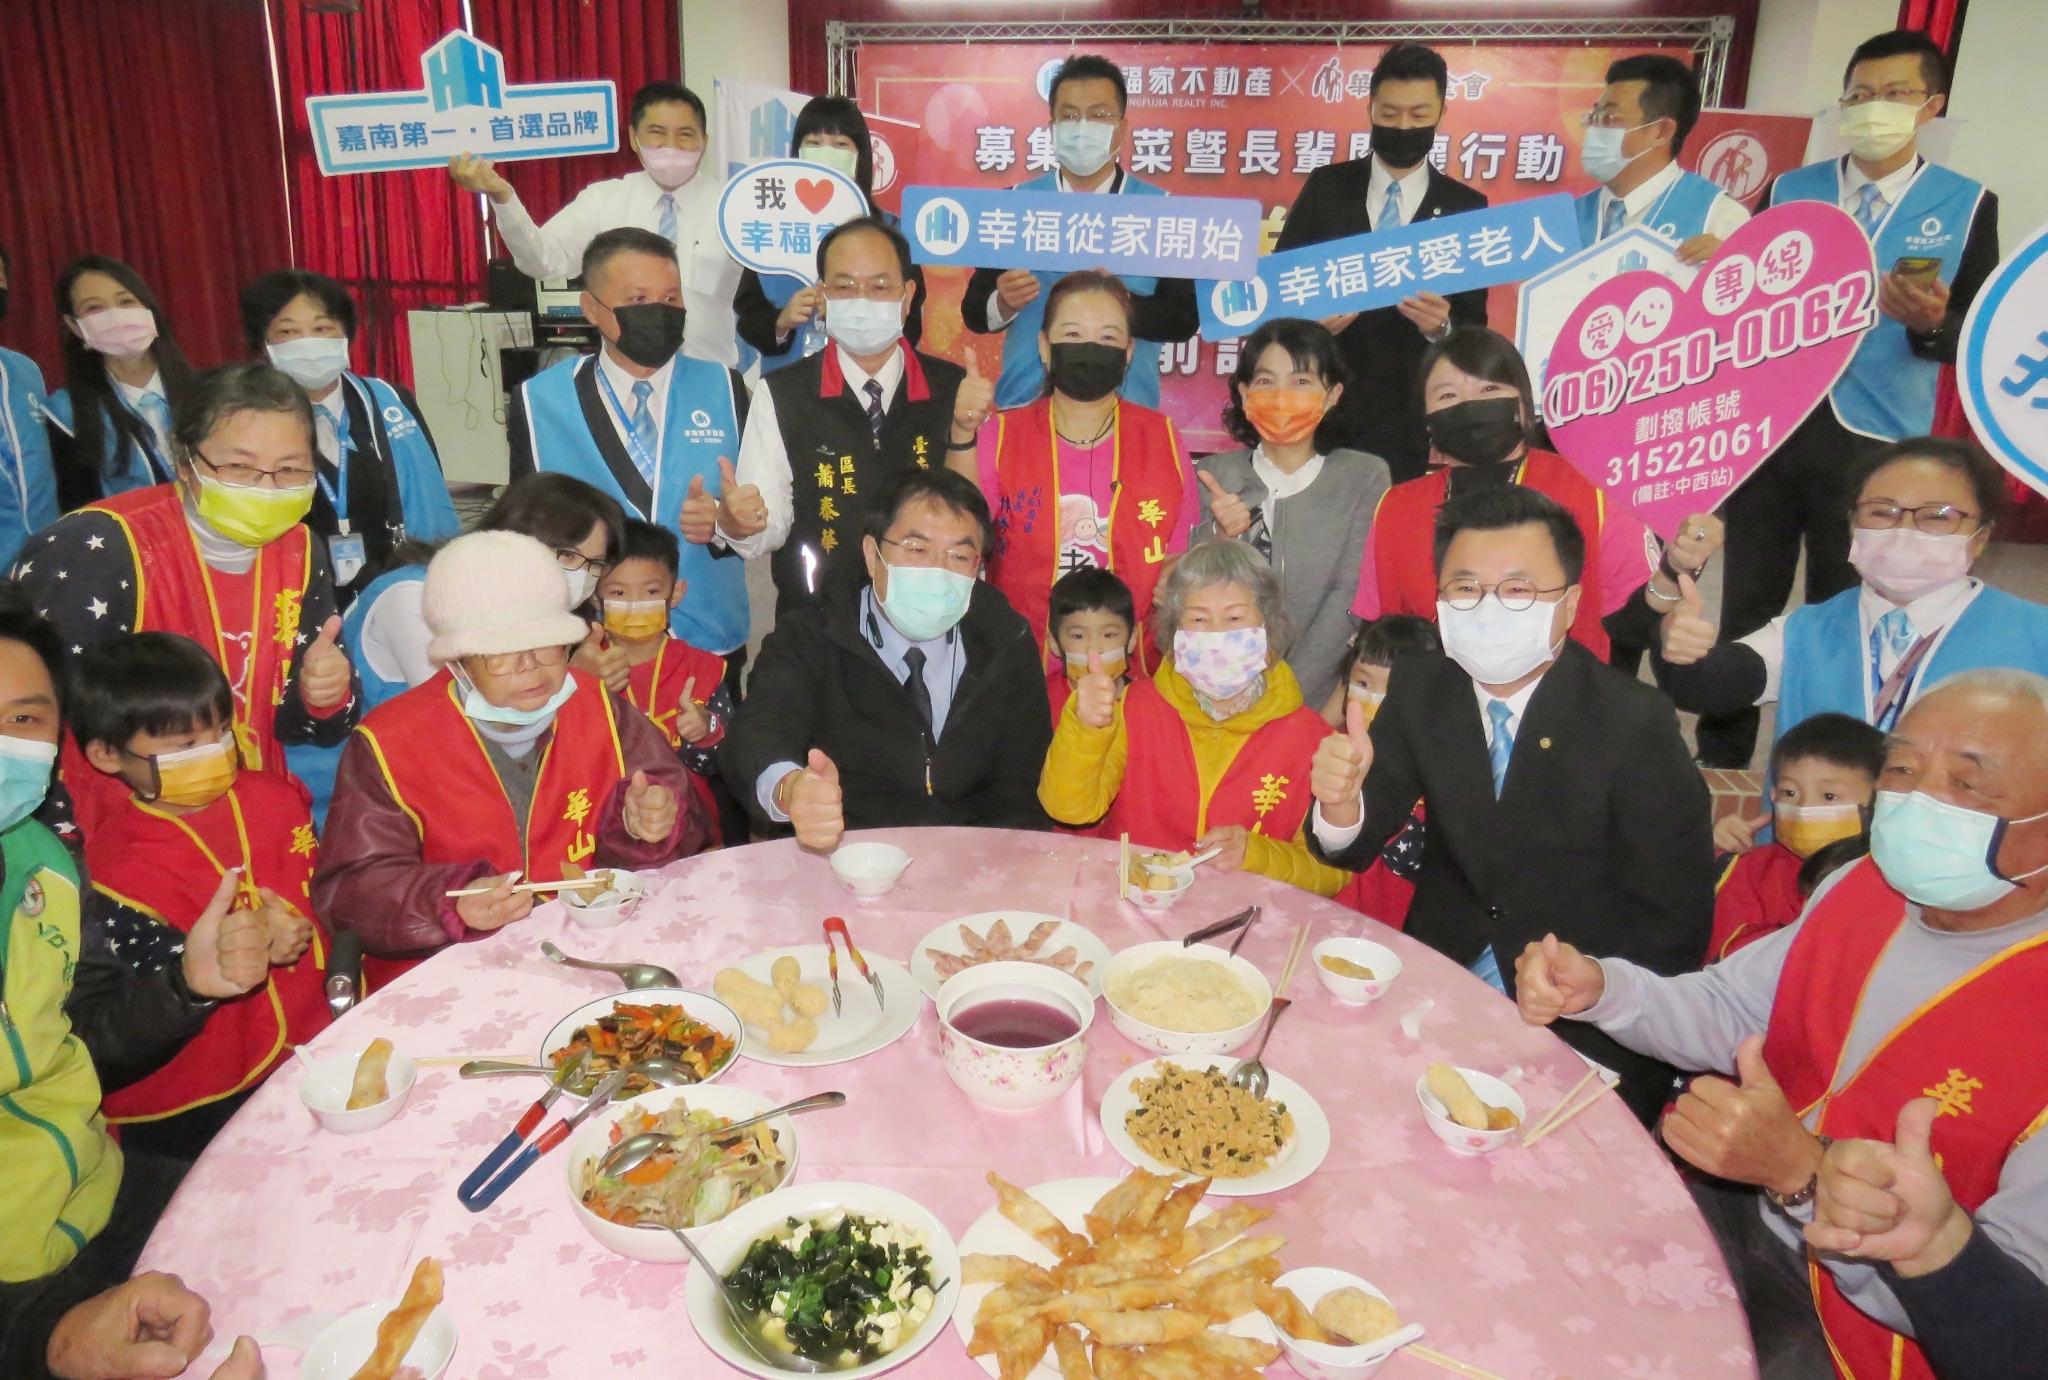 春節將至 黃偉哲市長感謝幸福家不動產與華山基金會 捐贈年菜關懷獨居長輩